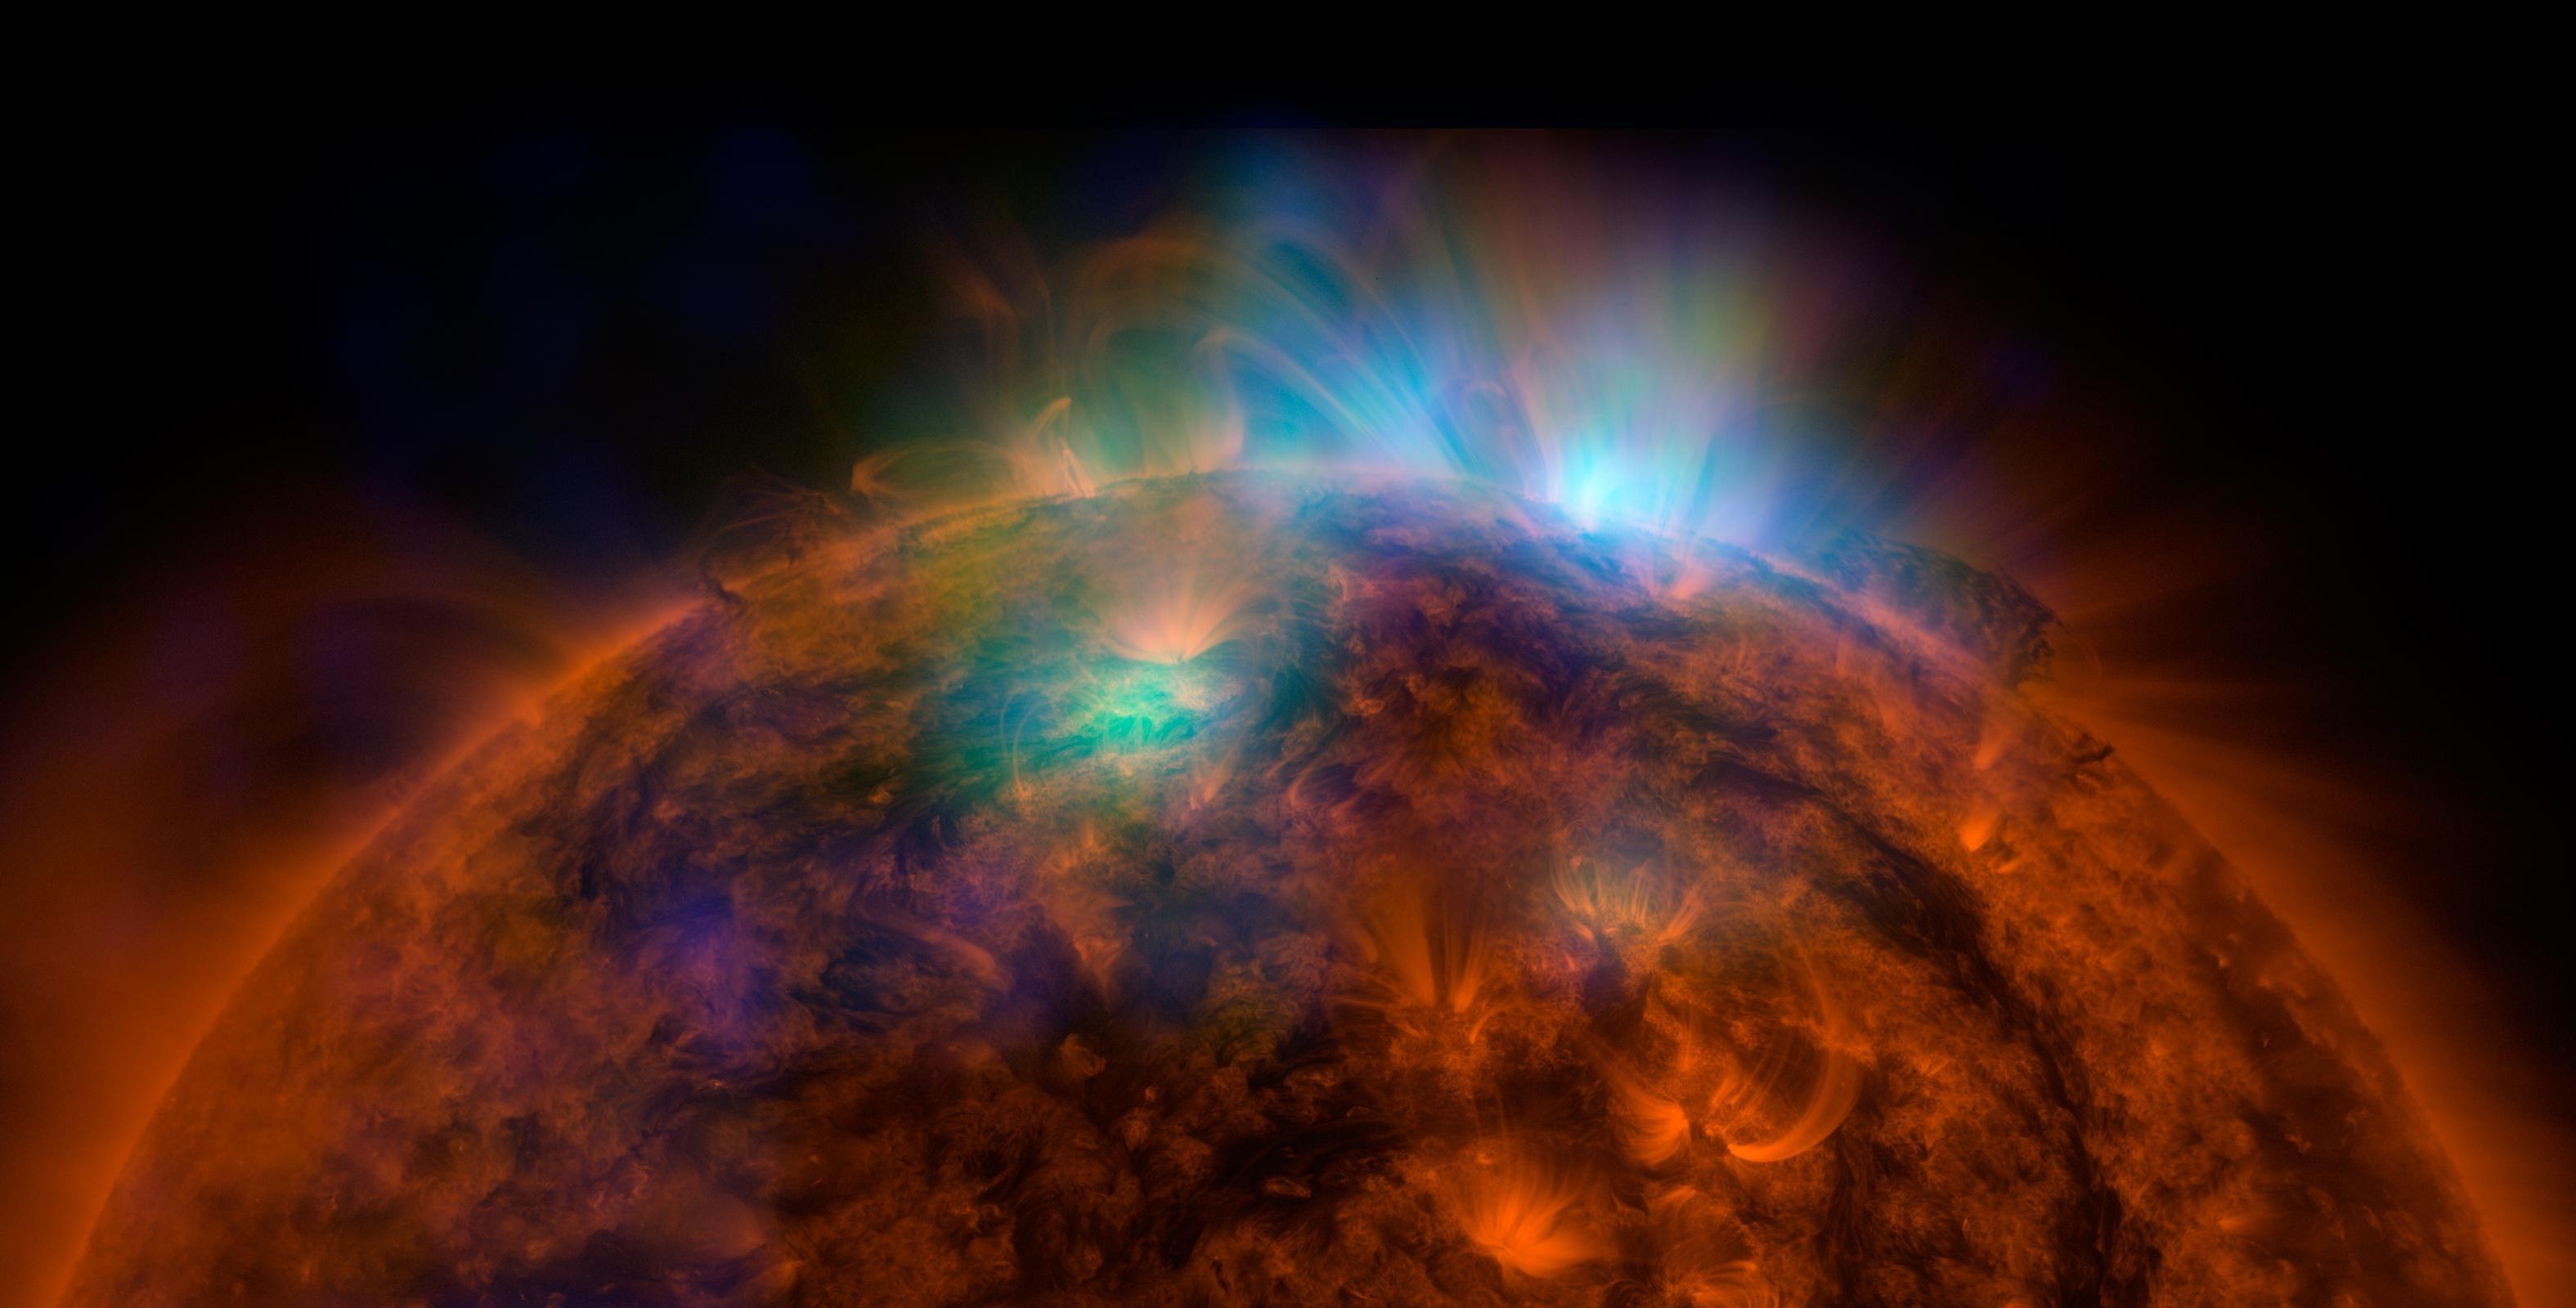 El sol está que arde en rayos x de alta energía. Crédito de la imagen: NASA/JPL-Caltech/GSFC